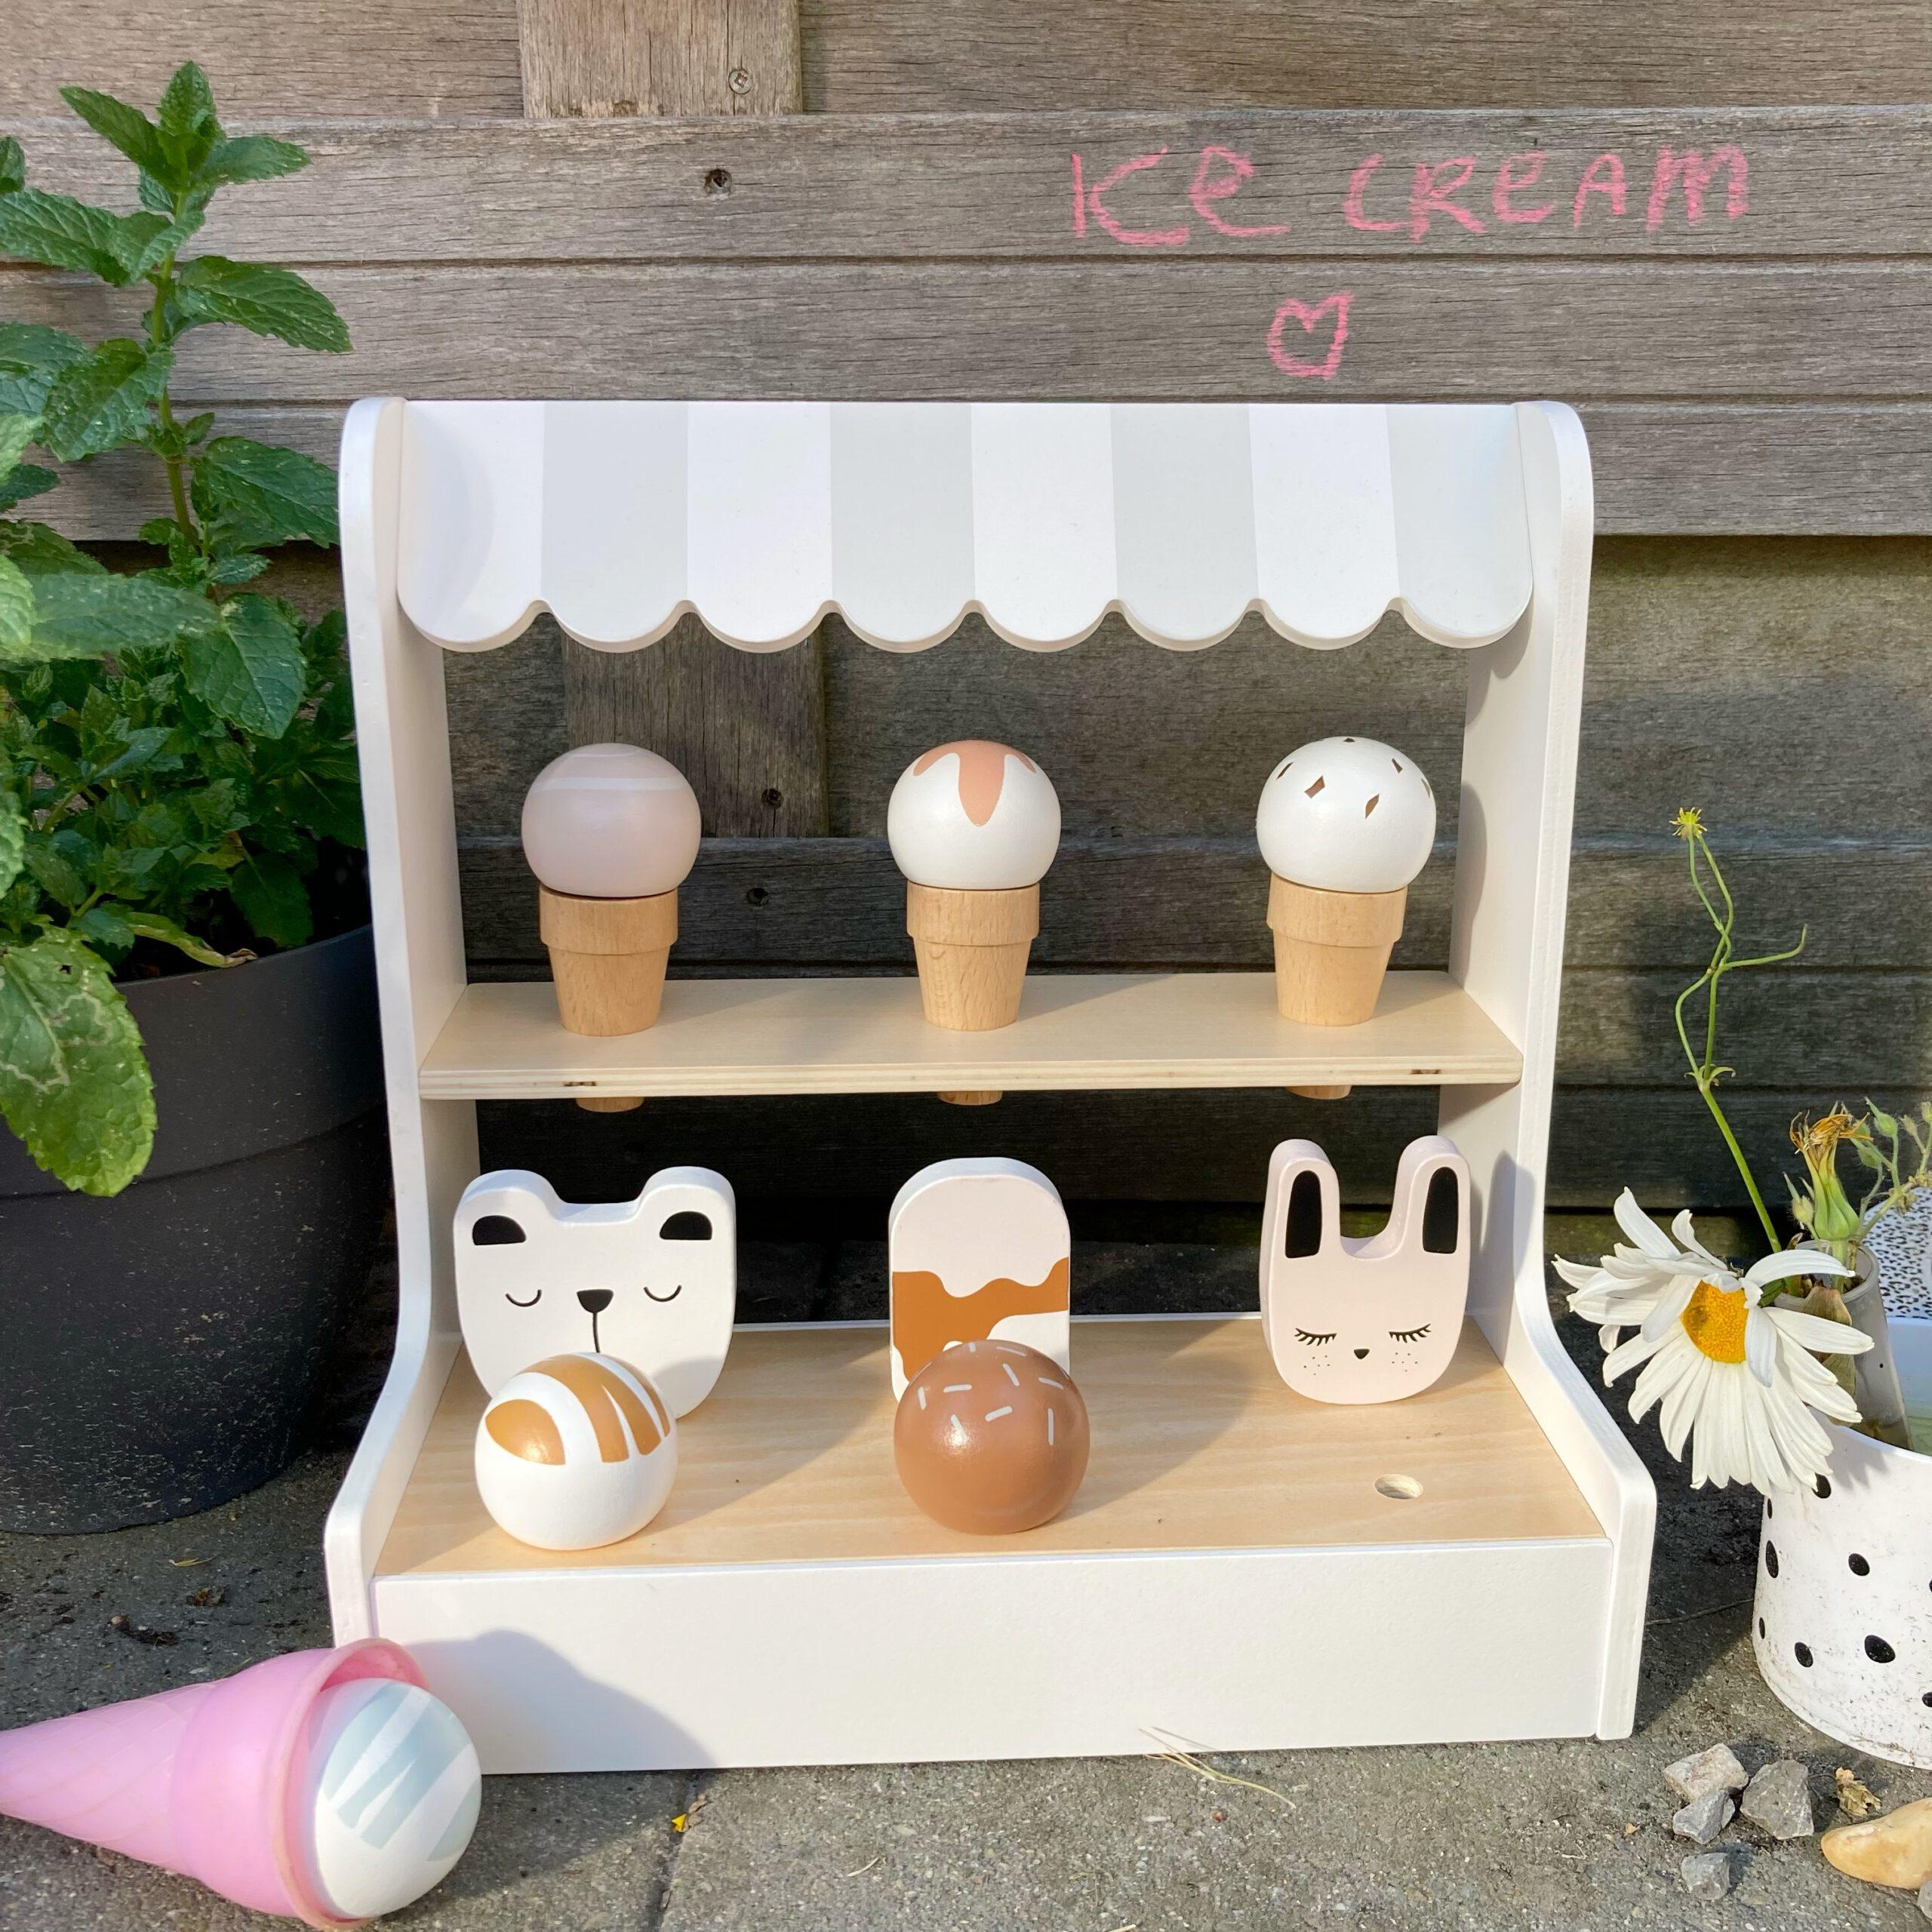 houten speelgoed ijskraampje petite amelie